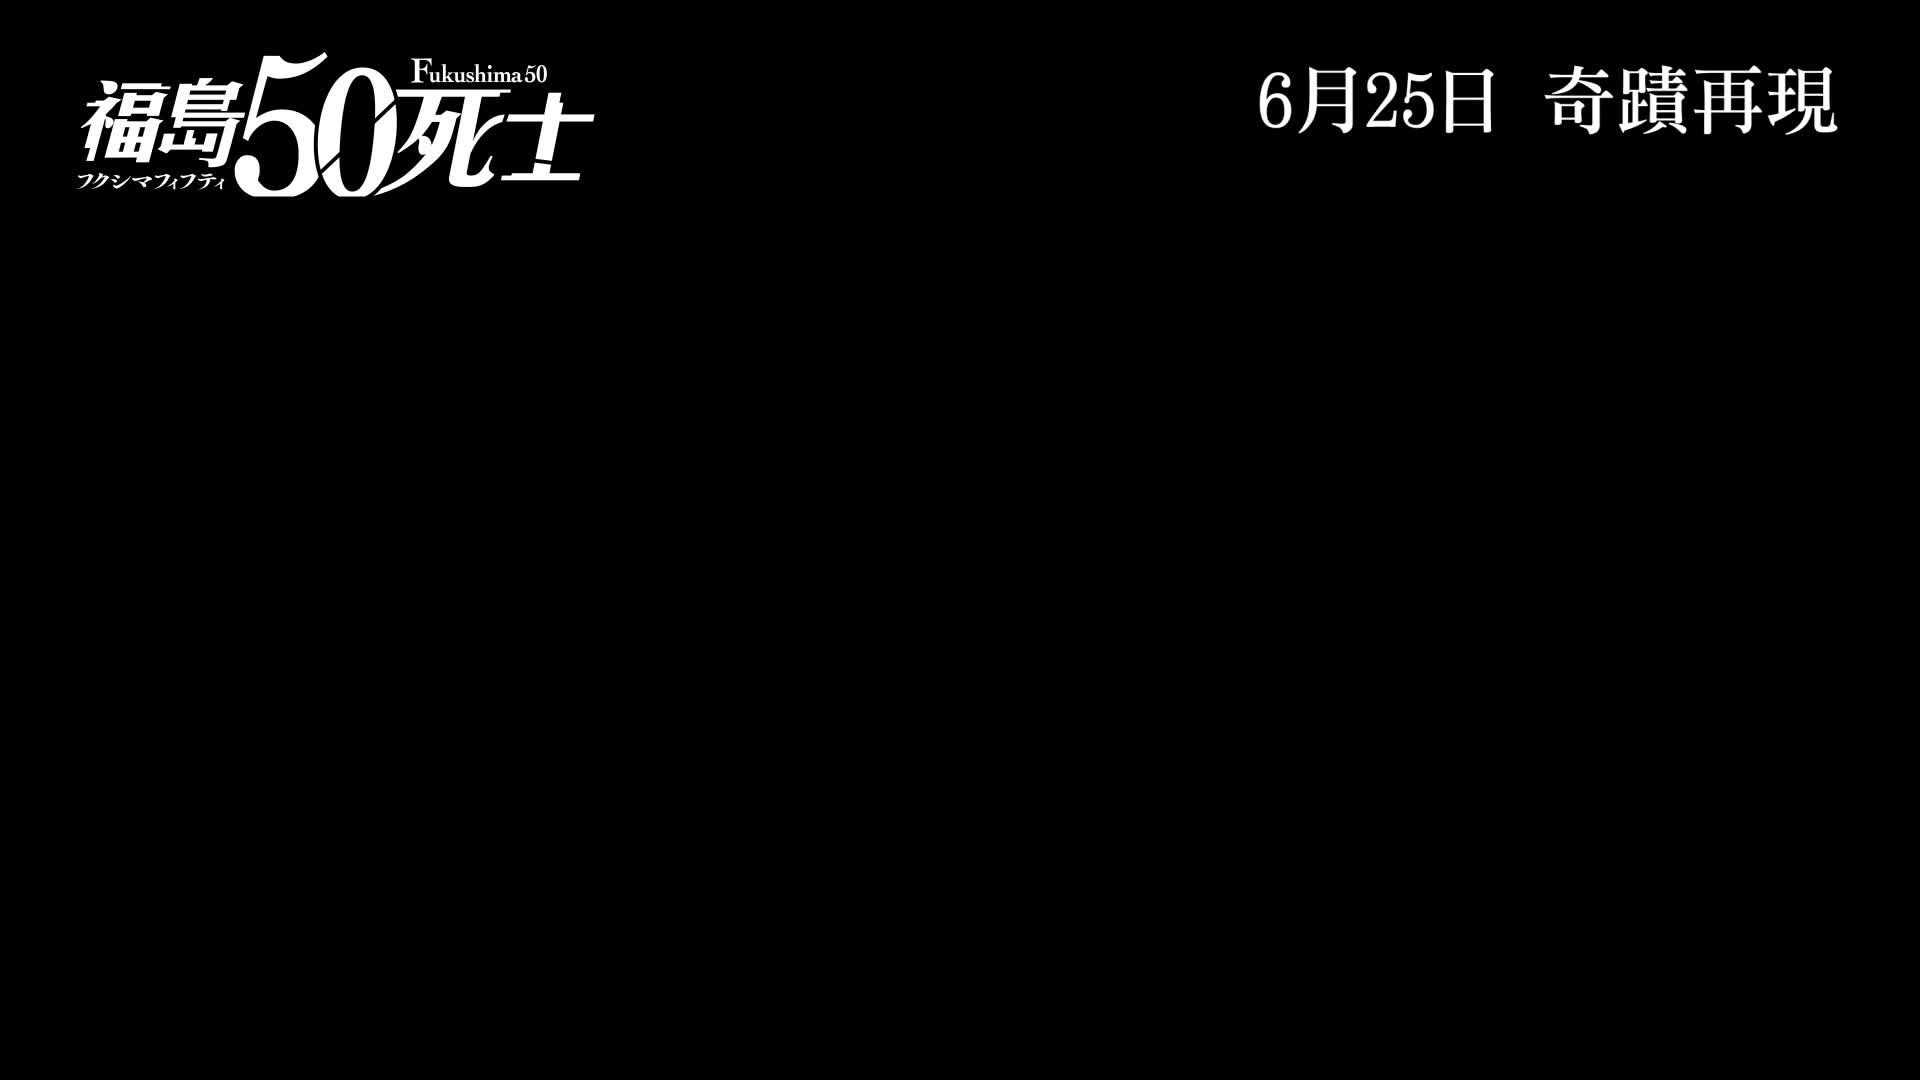 《福島50死士》電影預告